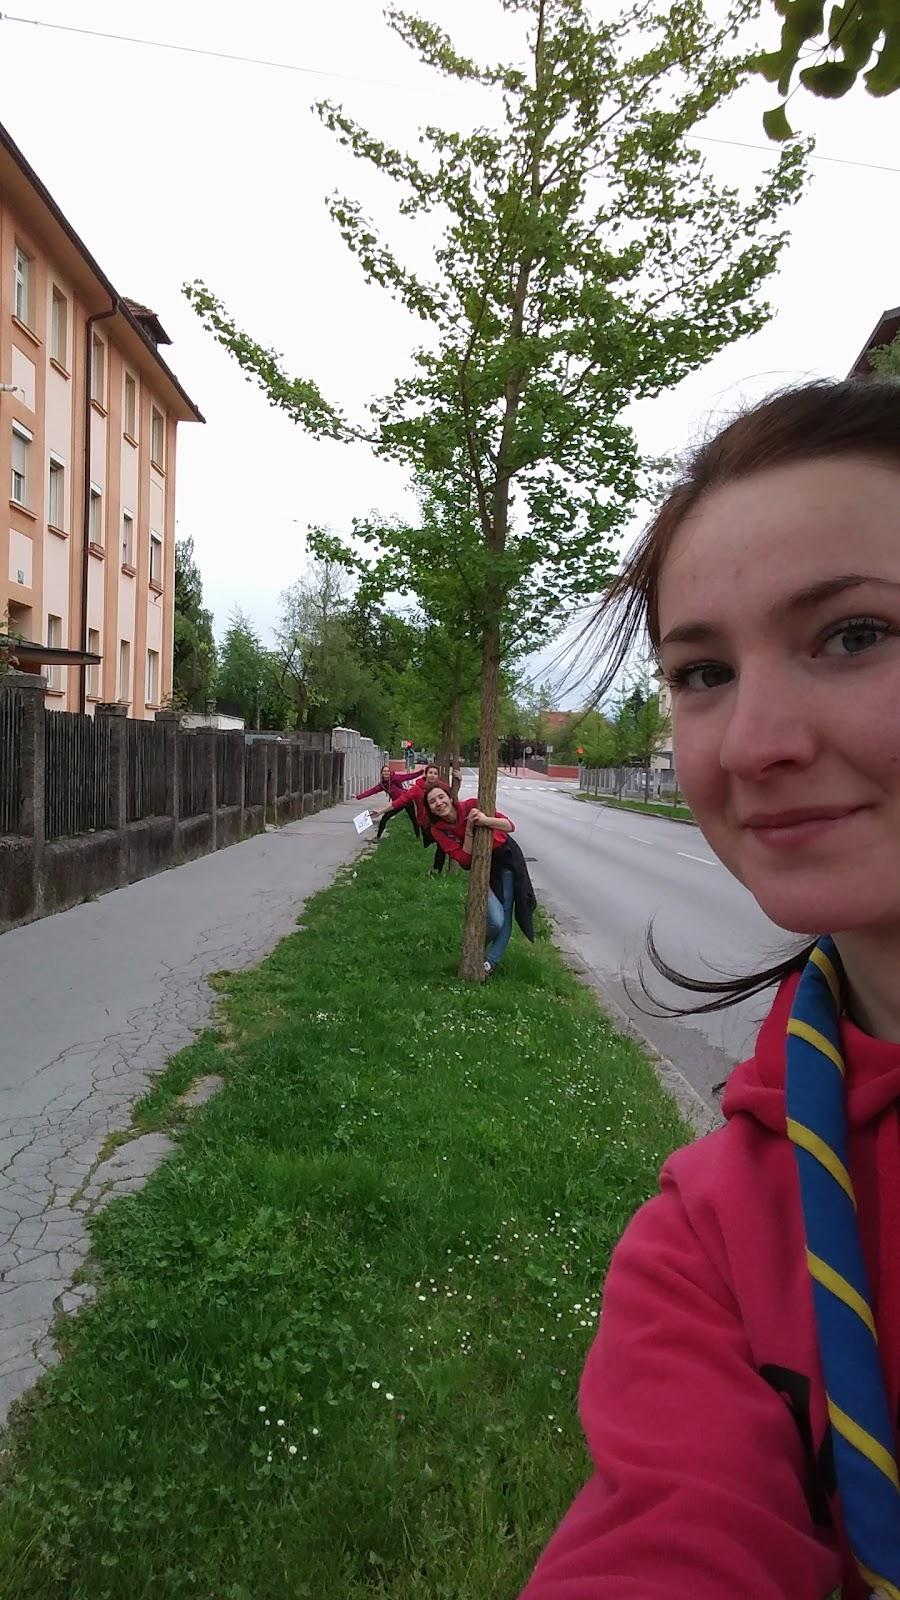 Urbani izziv, Ljubljana 2016 - 20160424_104142.jpg